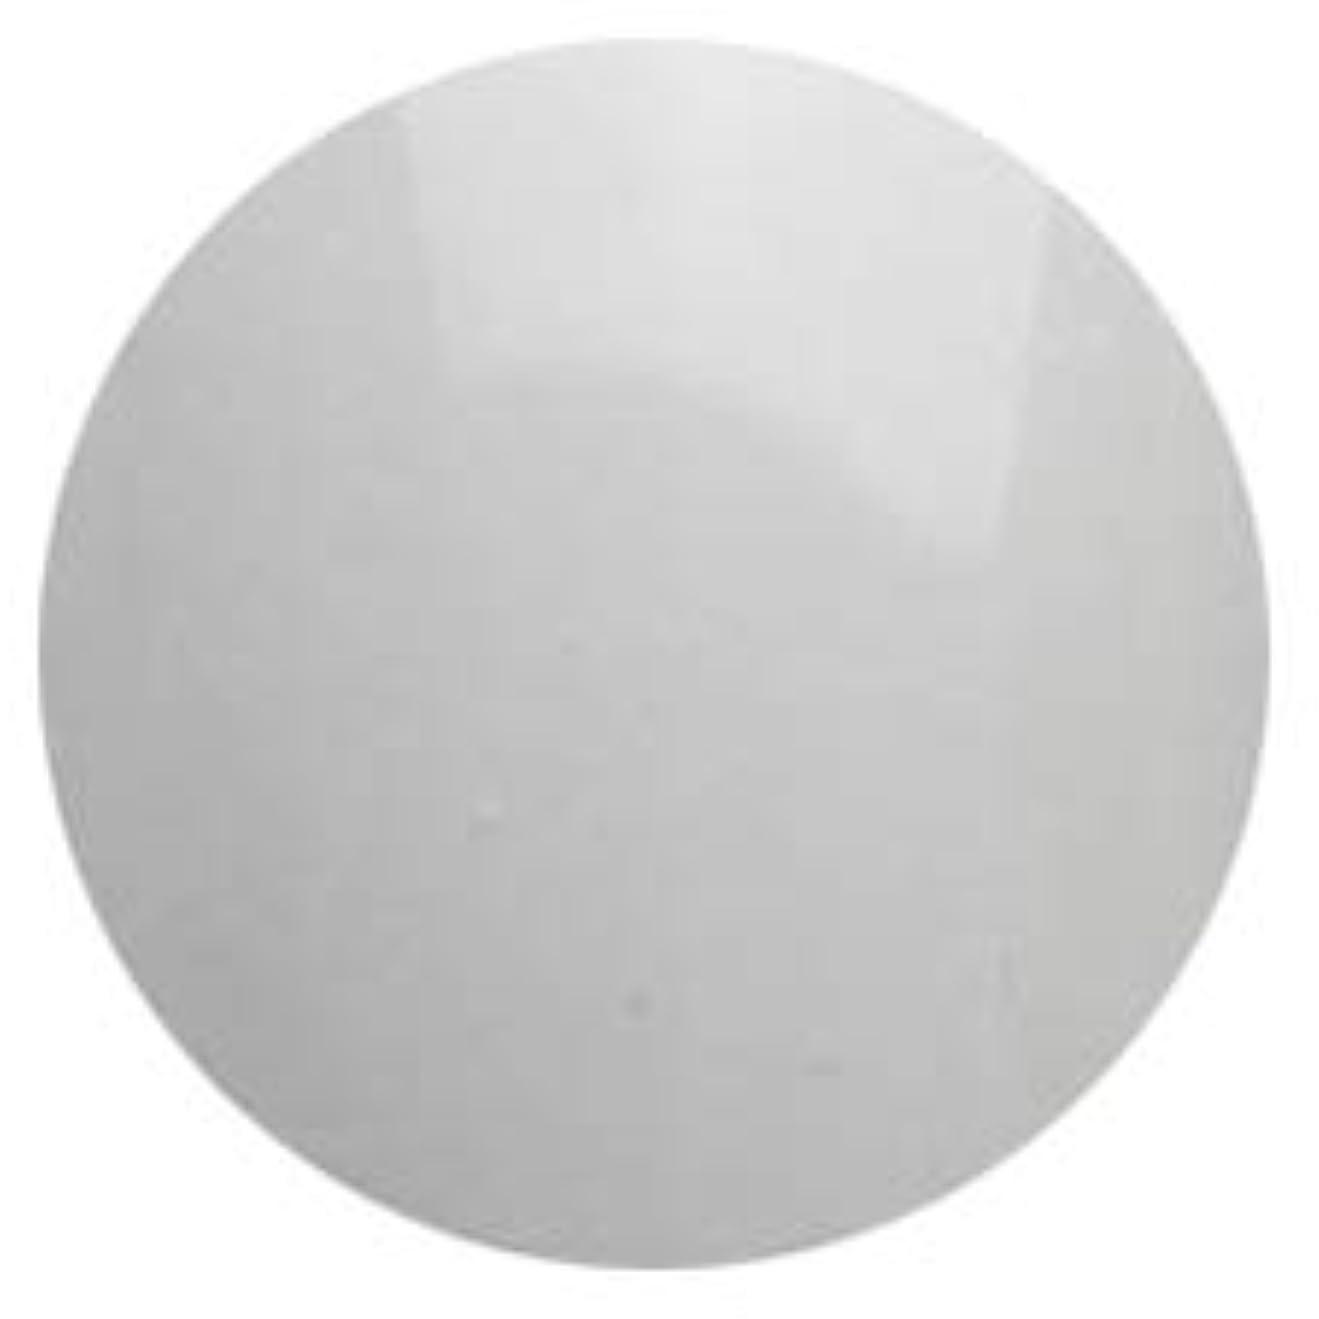 忠誠一時停止麻痺させるT-GEL COLLECTION カラージェル D121 ミルキーホワイト 4ml